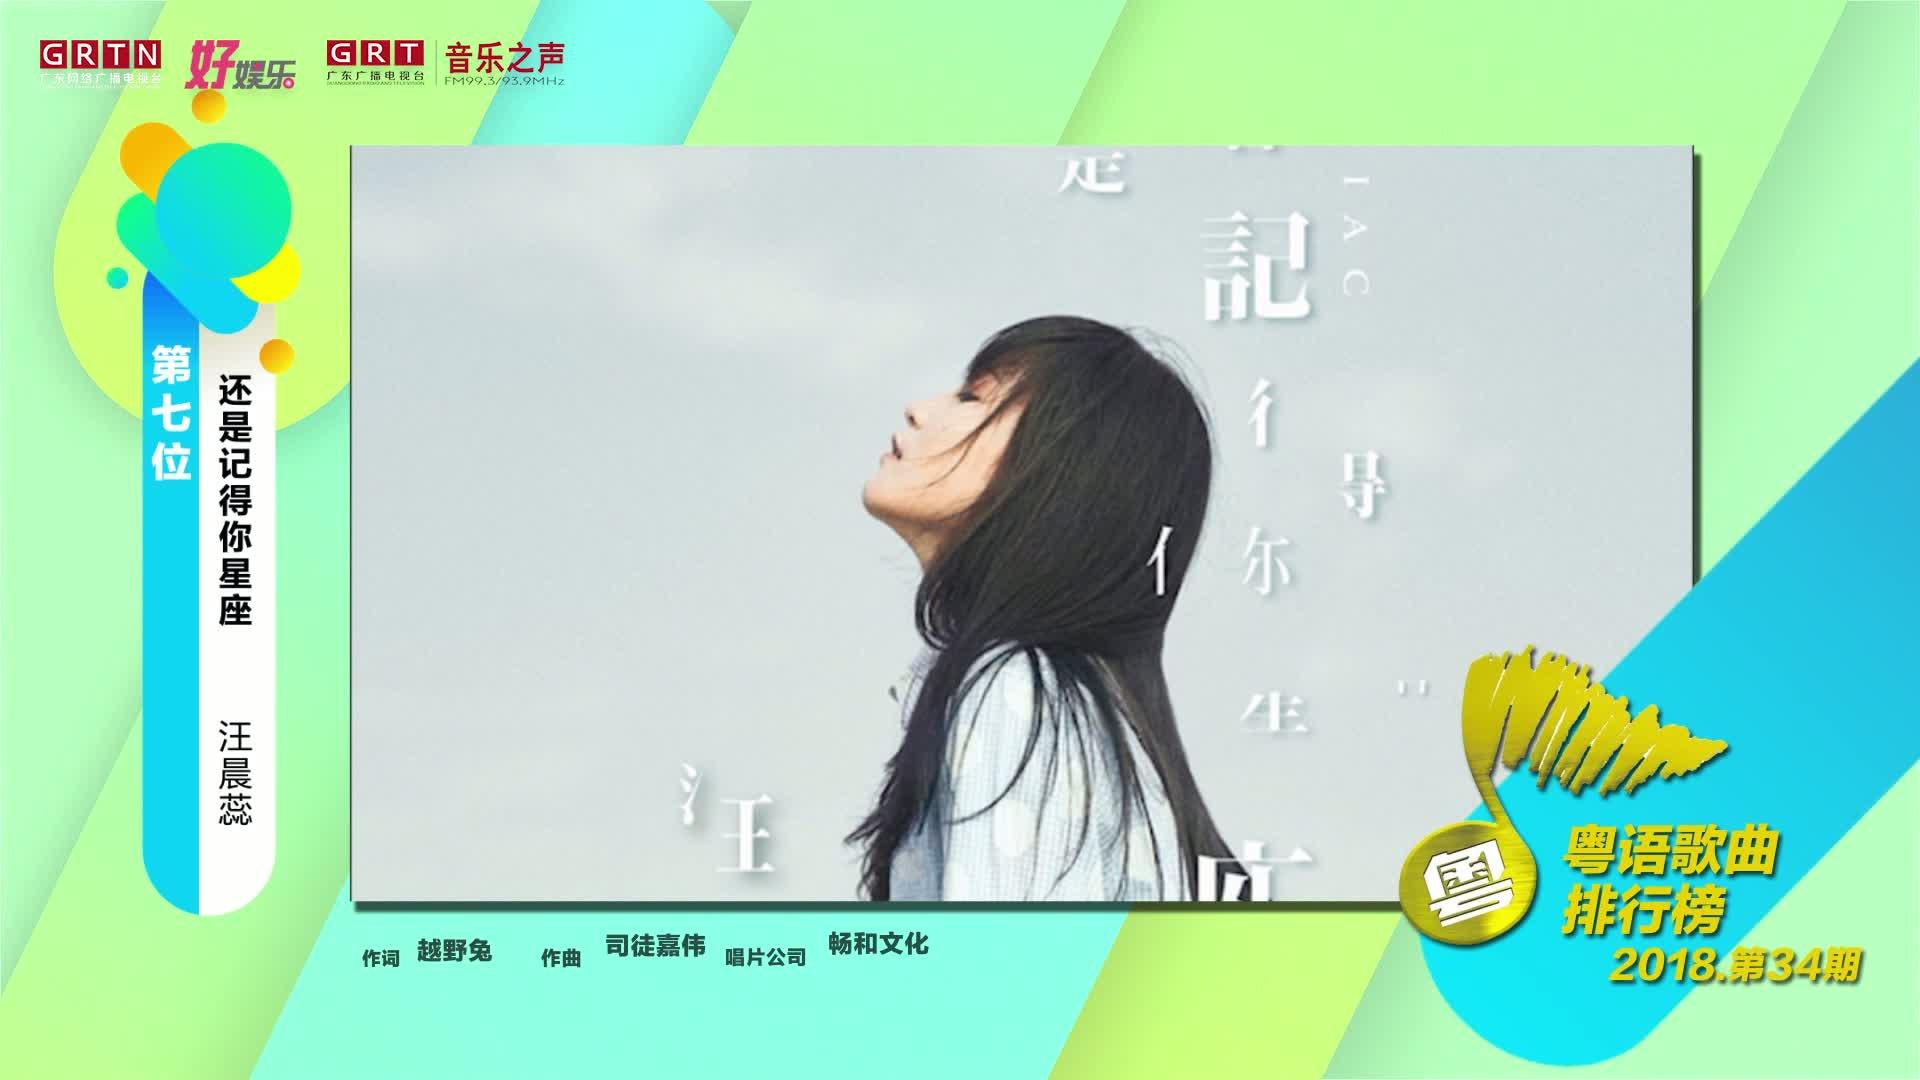 粤语歌曲排行榜2018年第34期榜单